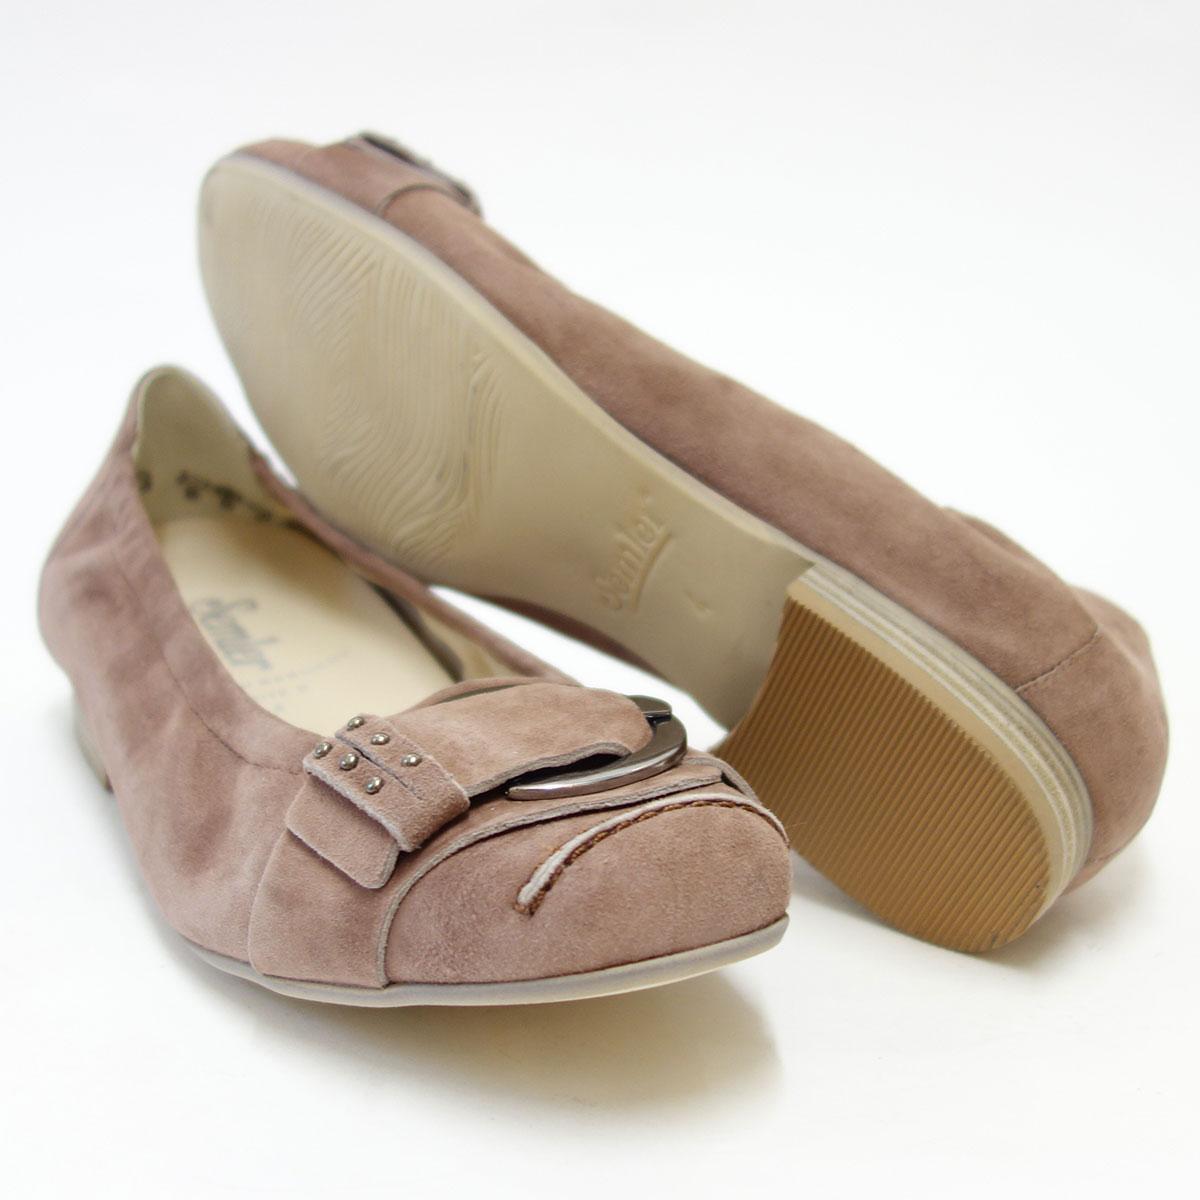 足をやさしく包み込む快適シューズSemler セムラー 5158 altrosa(アルトローズ)きれいな色合いのバレエシューズ「靴」